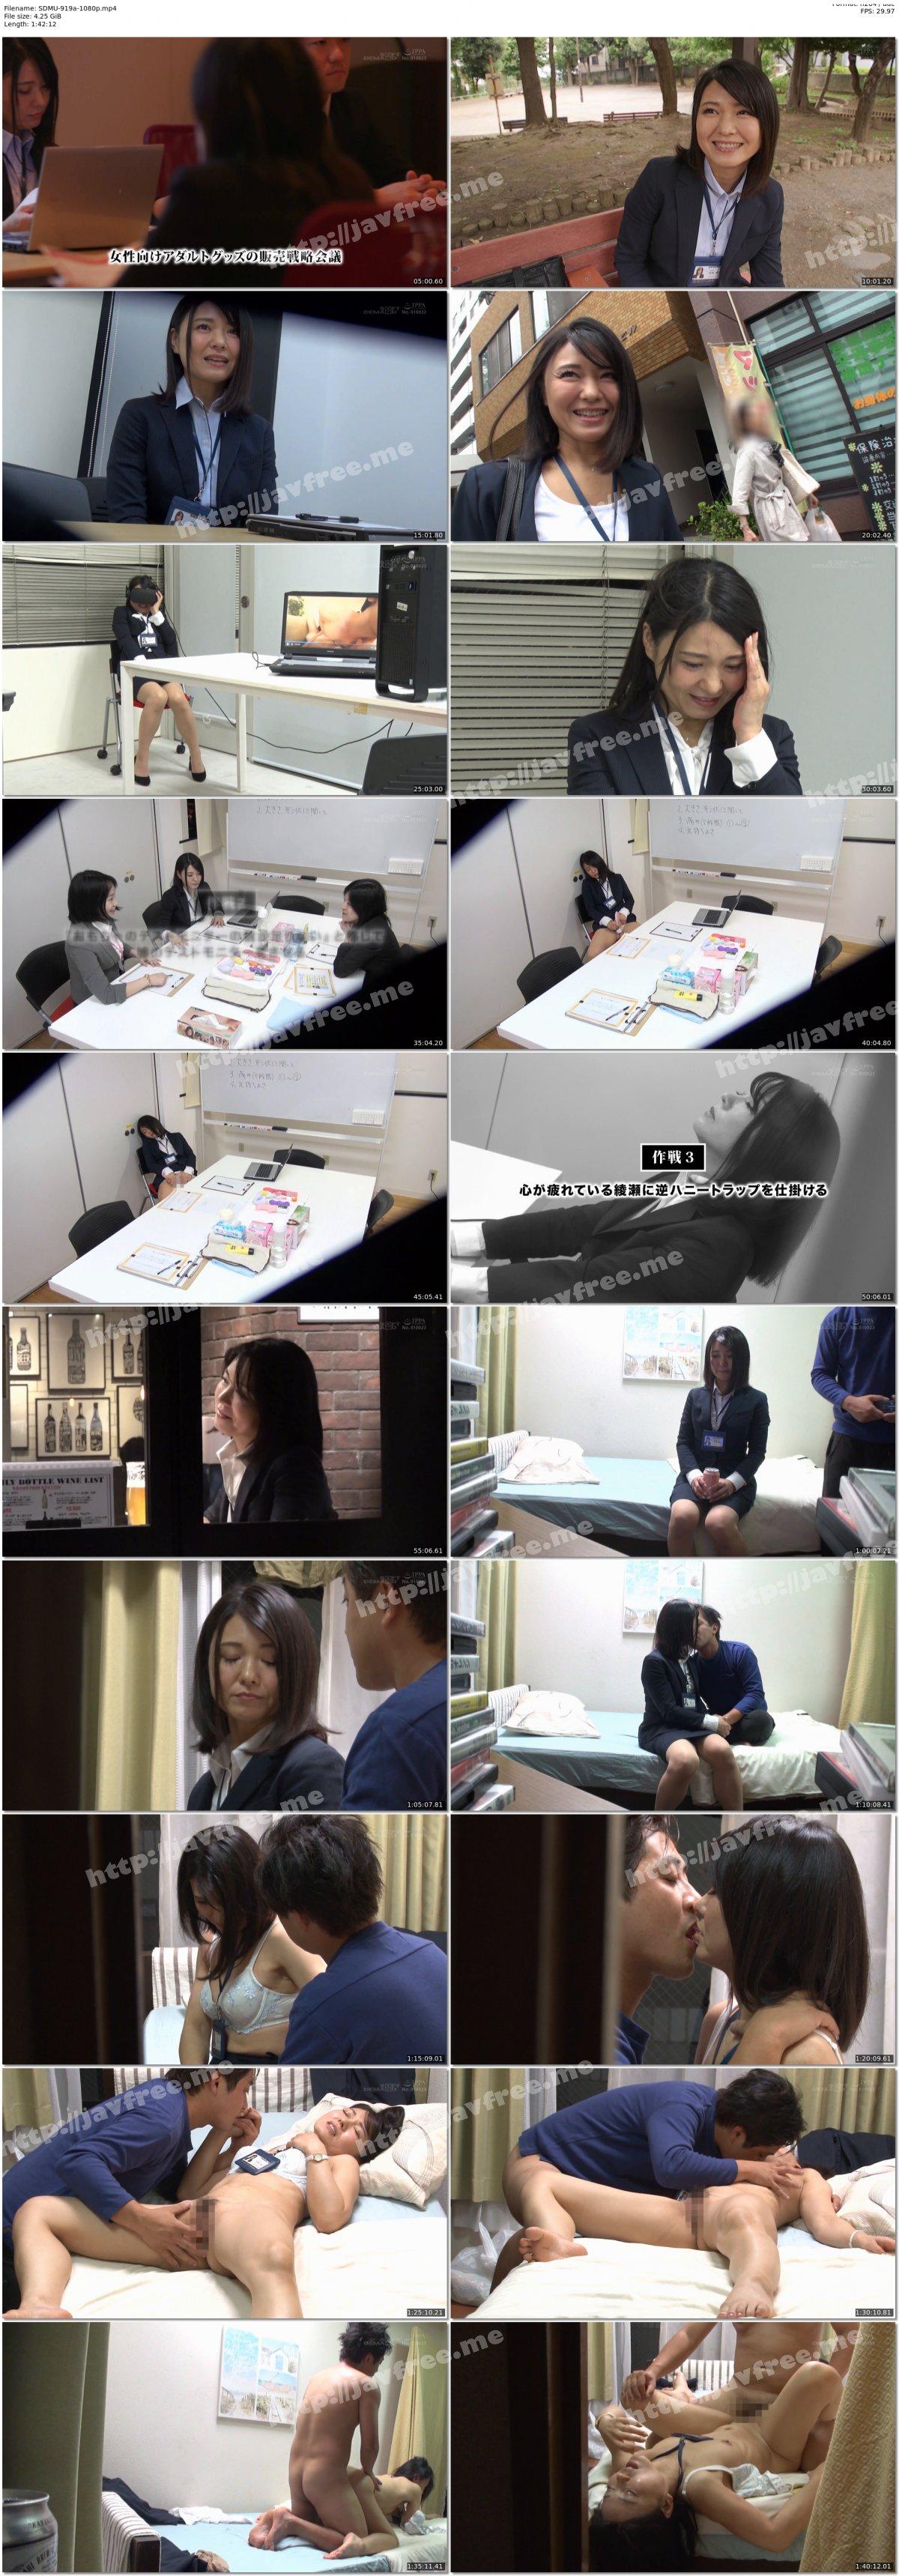 [HD][SDMU-919] SOD女子社員 宣伝部中途入社1年目 綾瀬麻衣子 46歳 AV出演(デビュー)! - image SDMU-919a-1080p on https://javfree.me